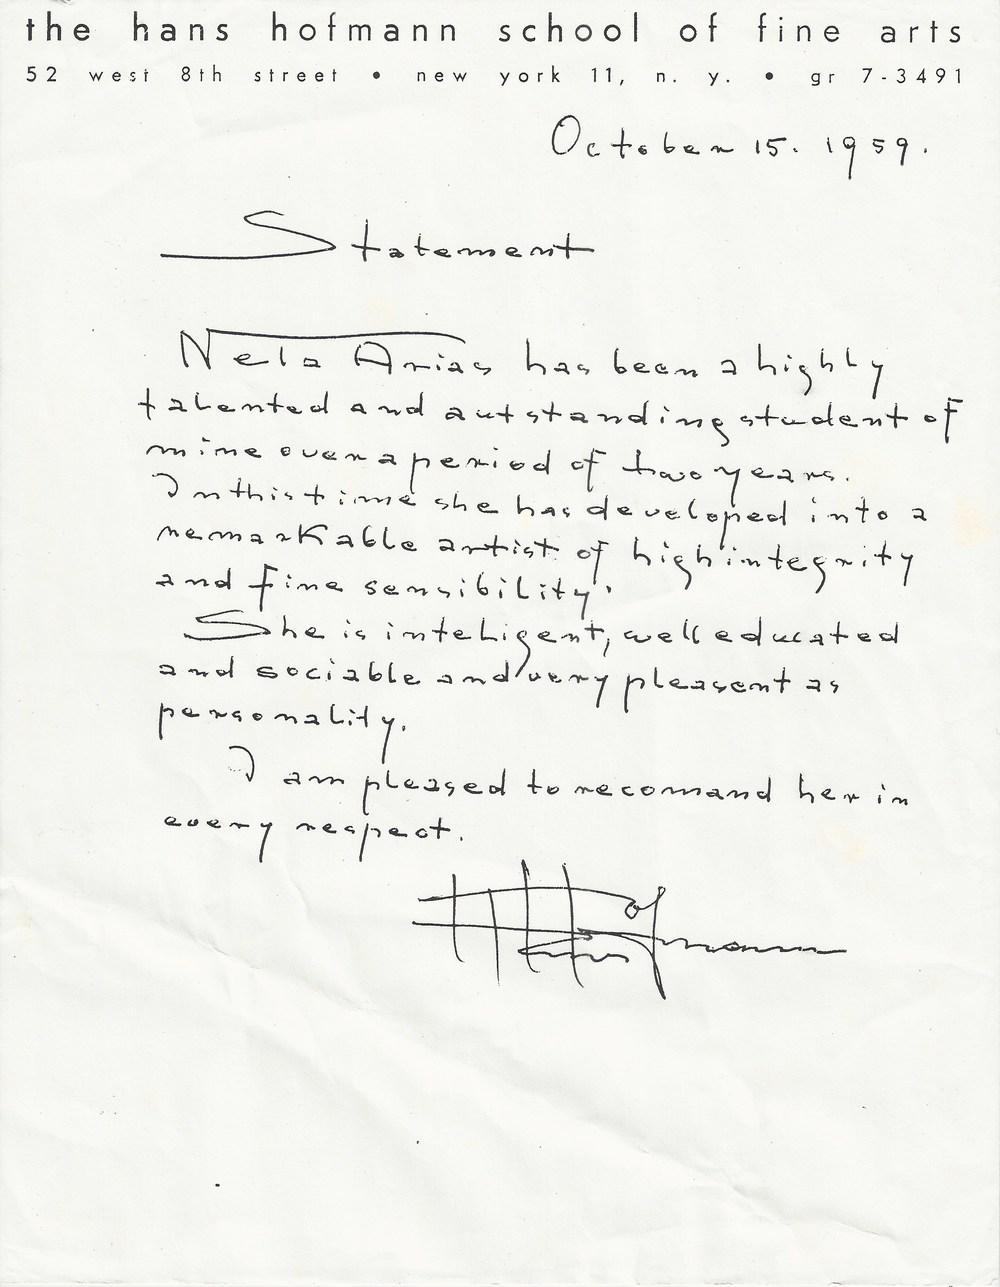 Hans Hofmann recommends Nela Arias